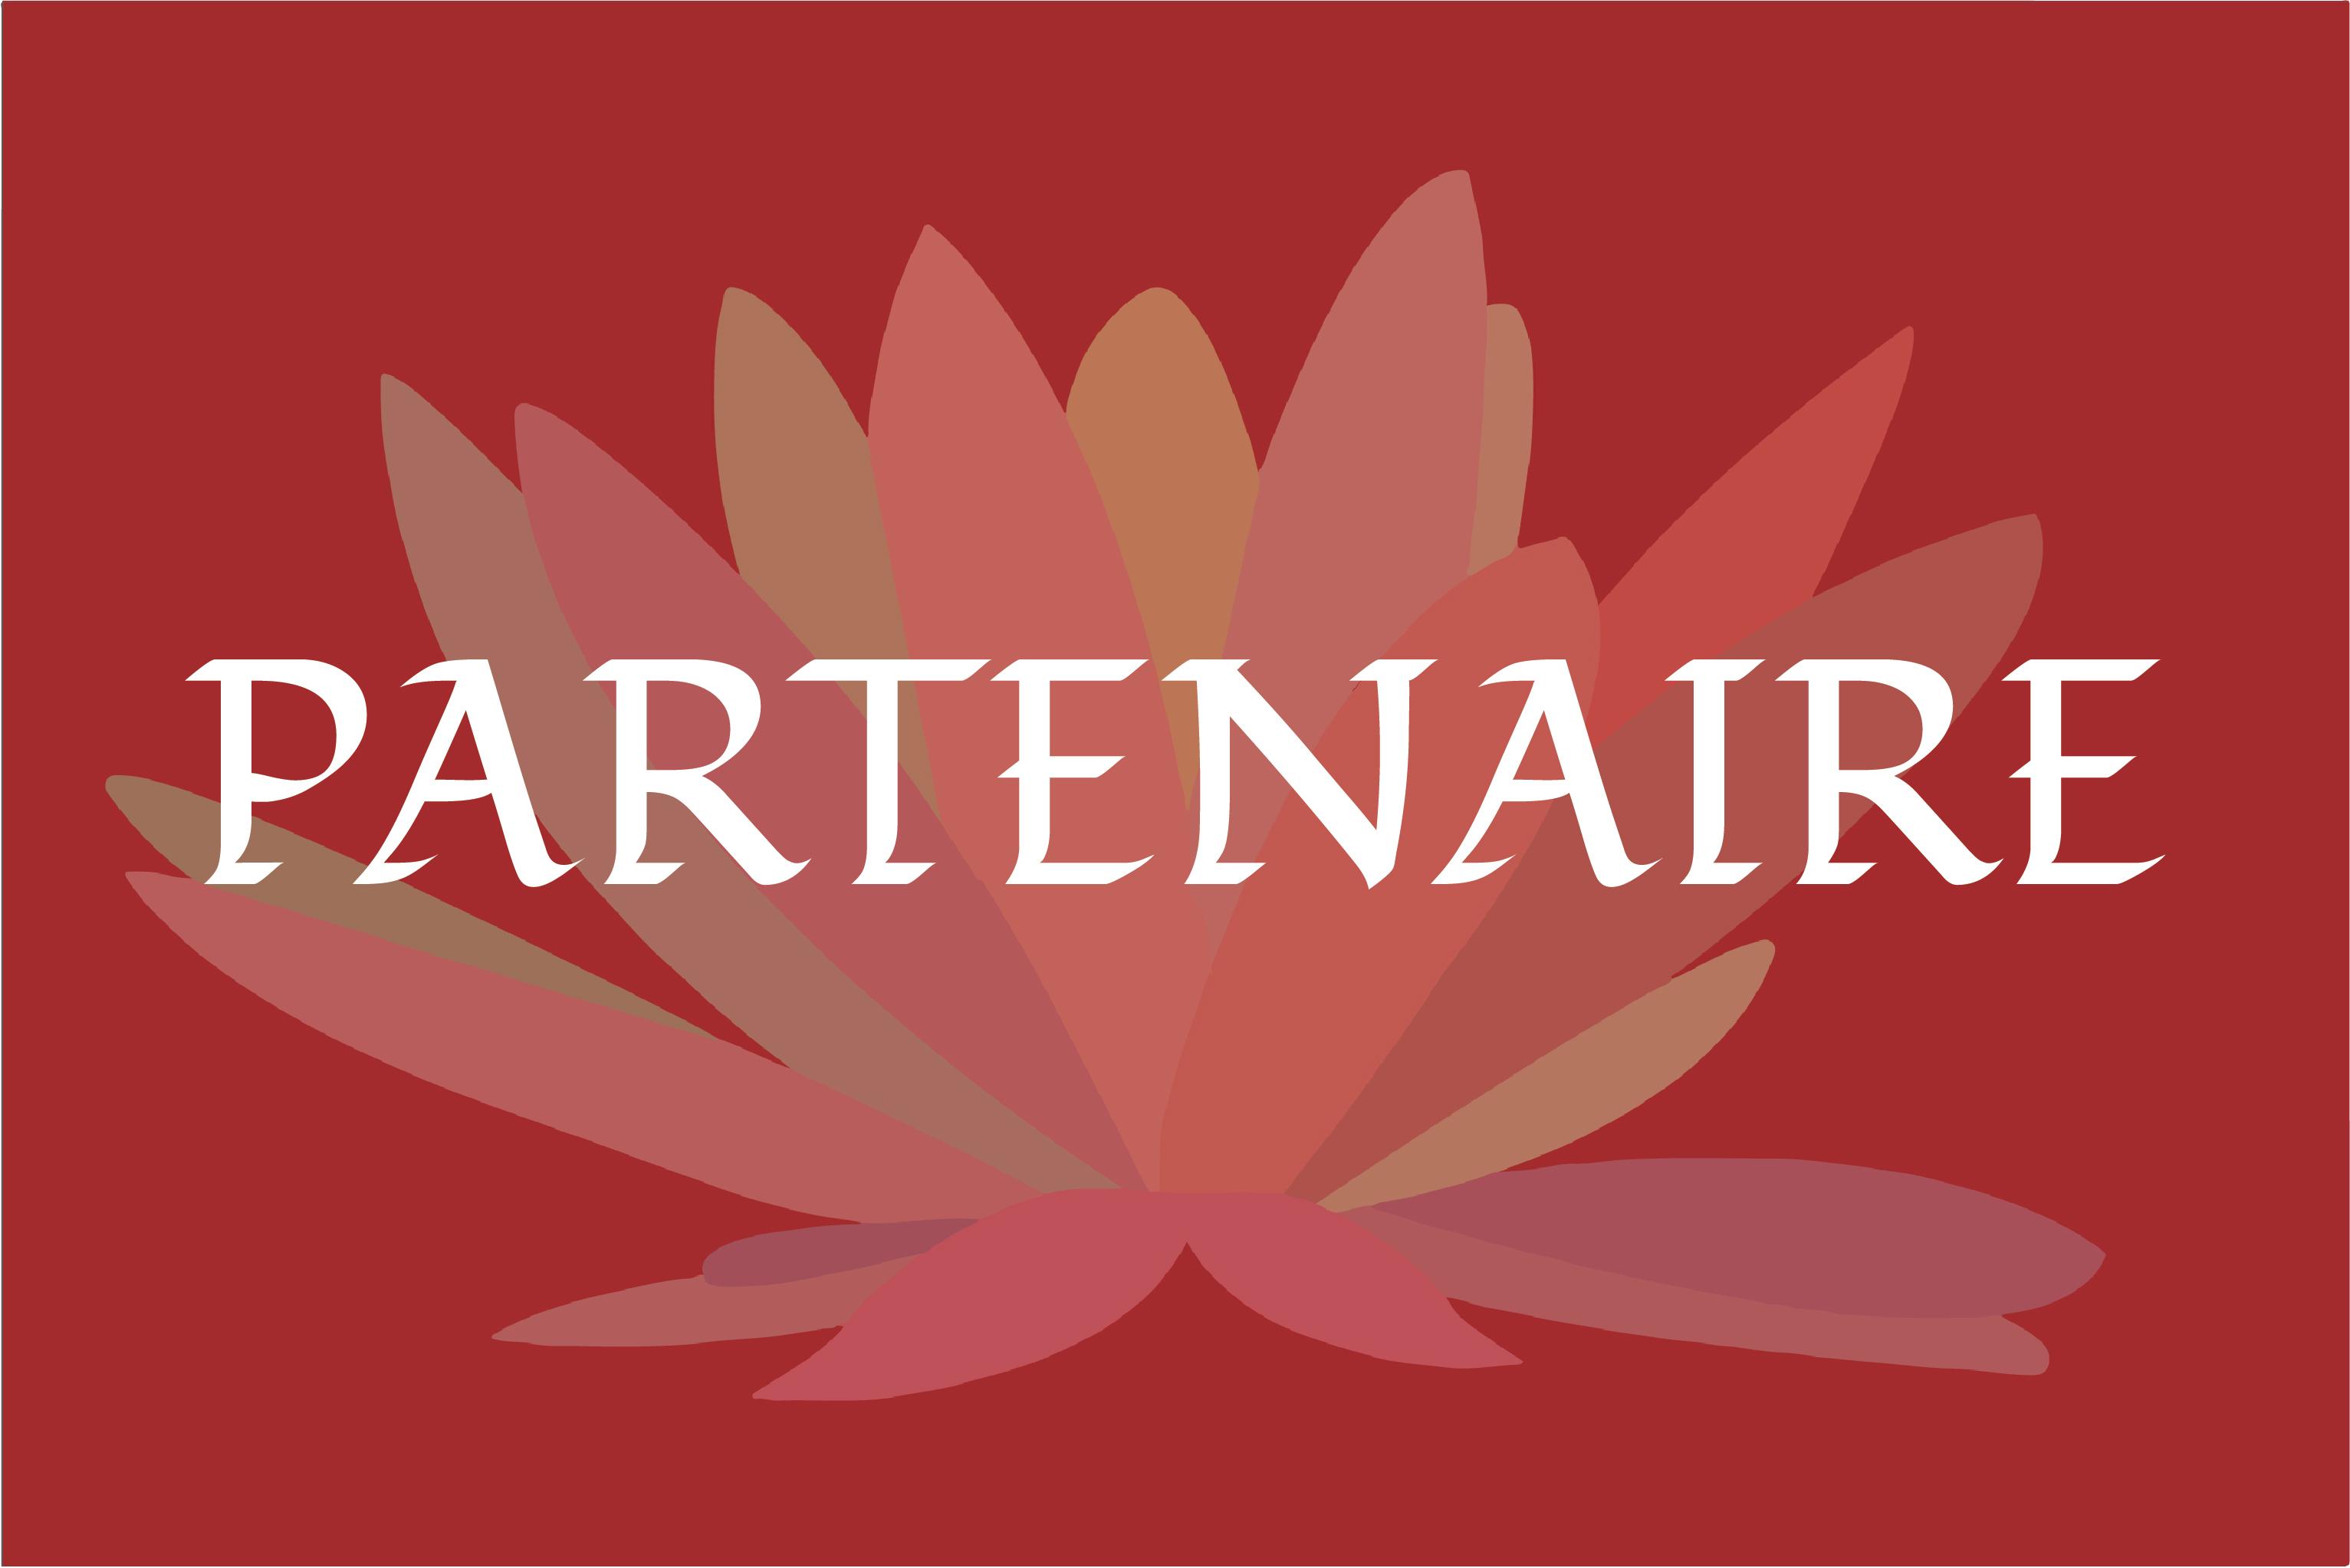 PARTENAIRE-1528815468.jpg